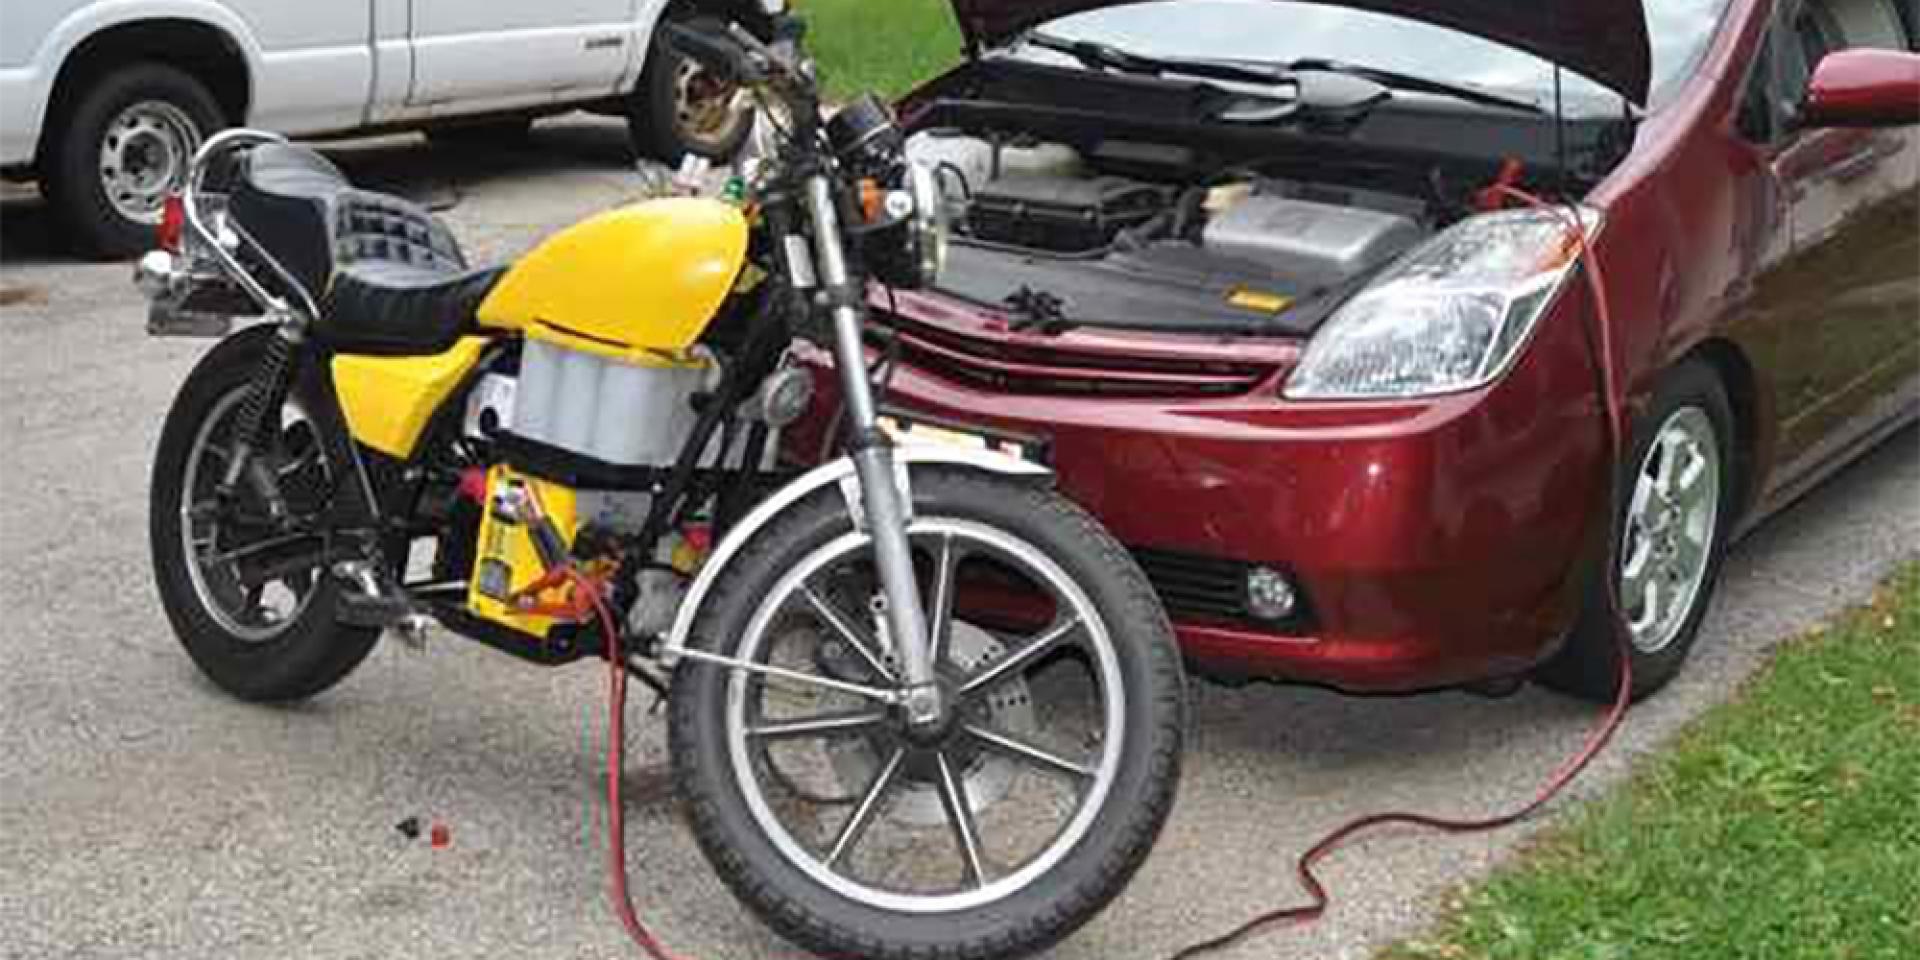 救車冷知識。機車沒電怎麼辦?能用汽車幫機車接電嗎?